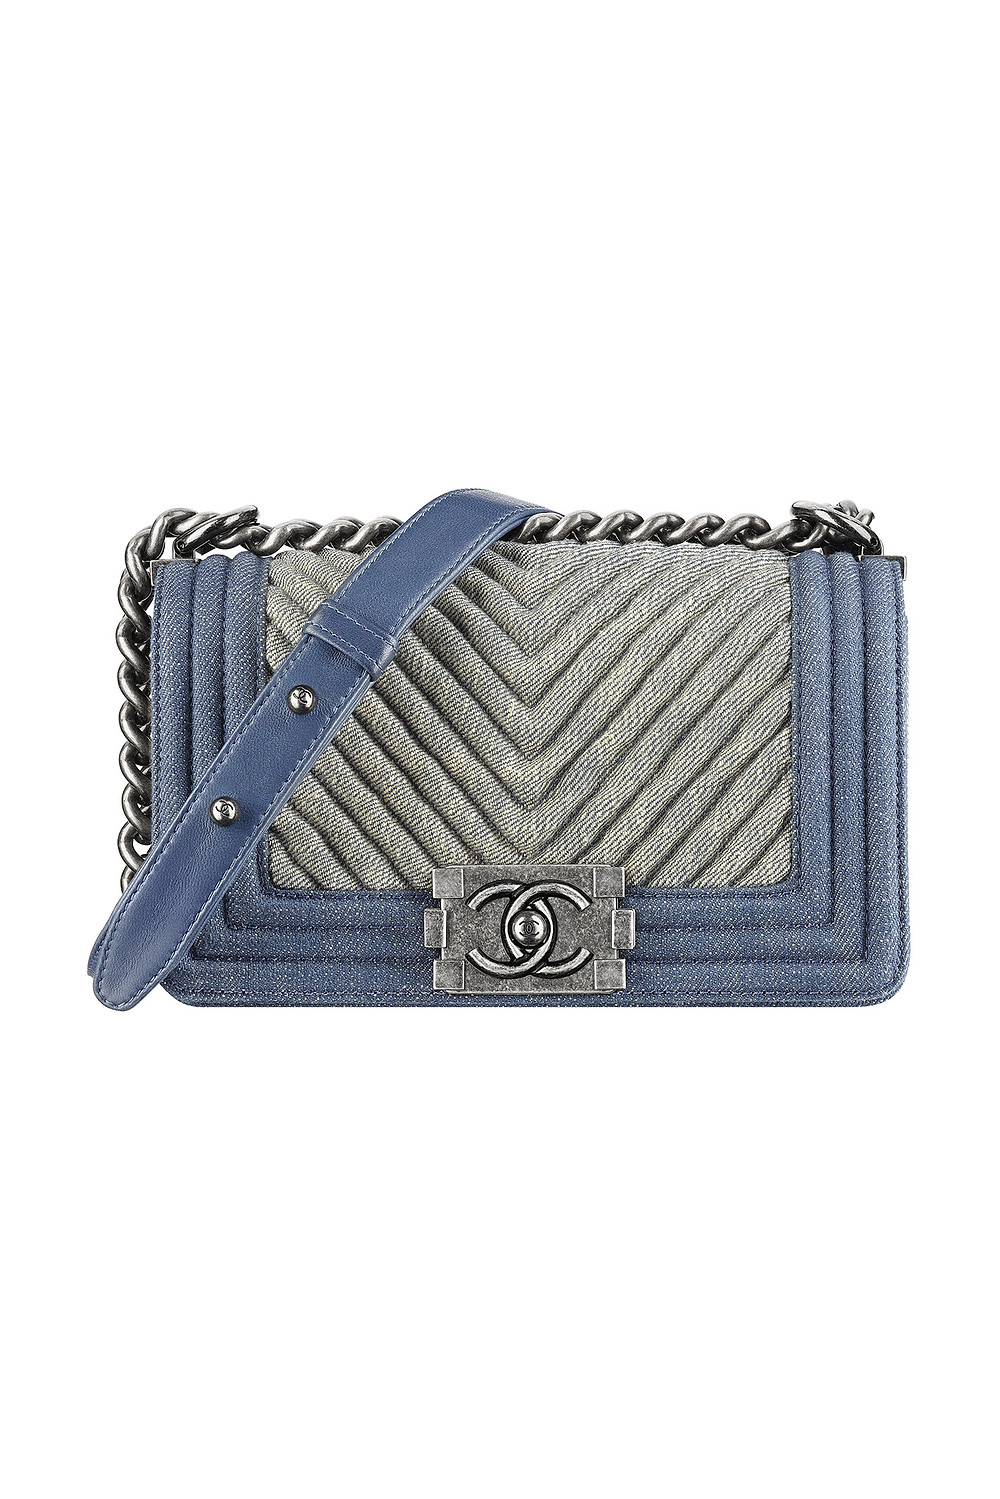 Chanel $3,300.jpg